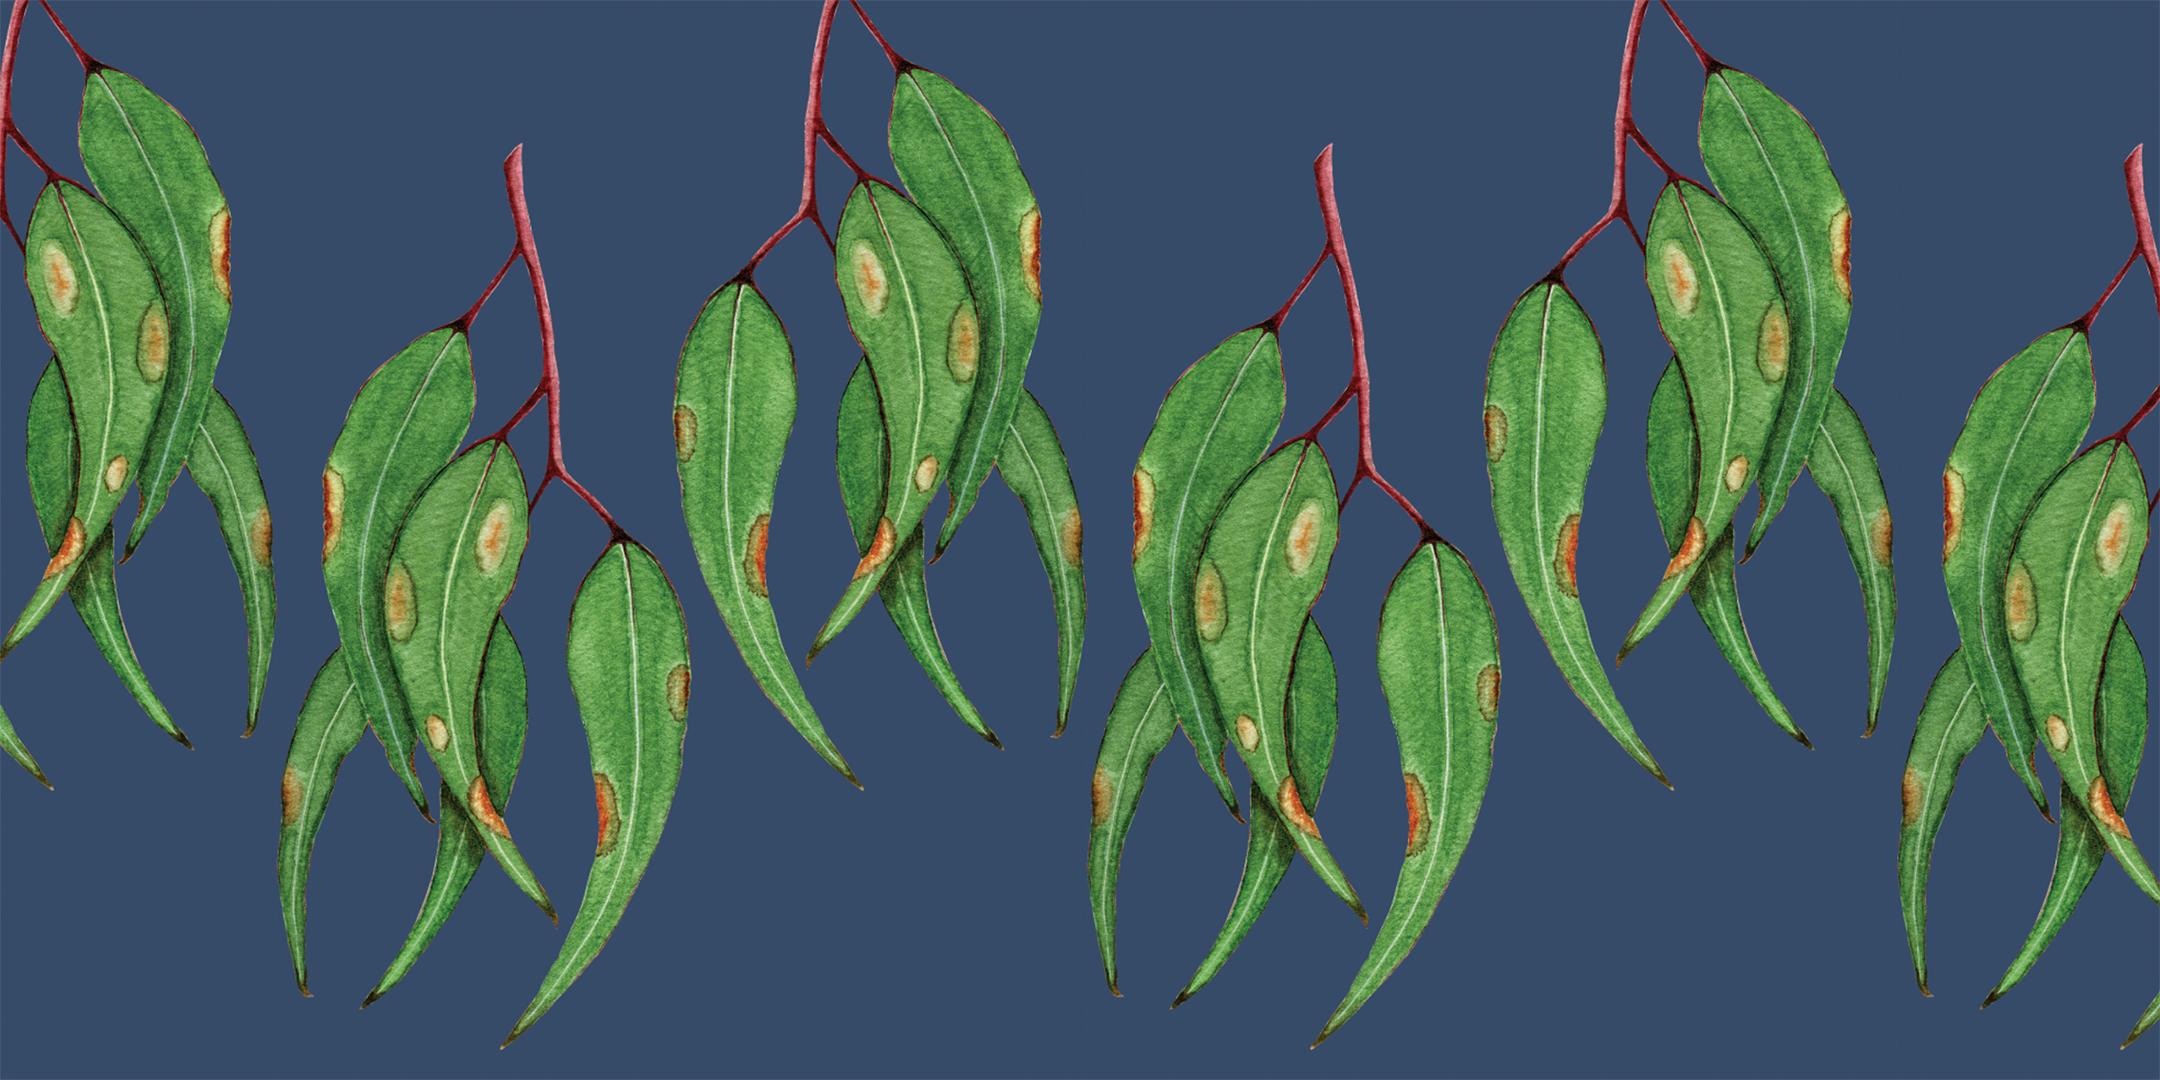 Painted Gum Leaves - MURAL